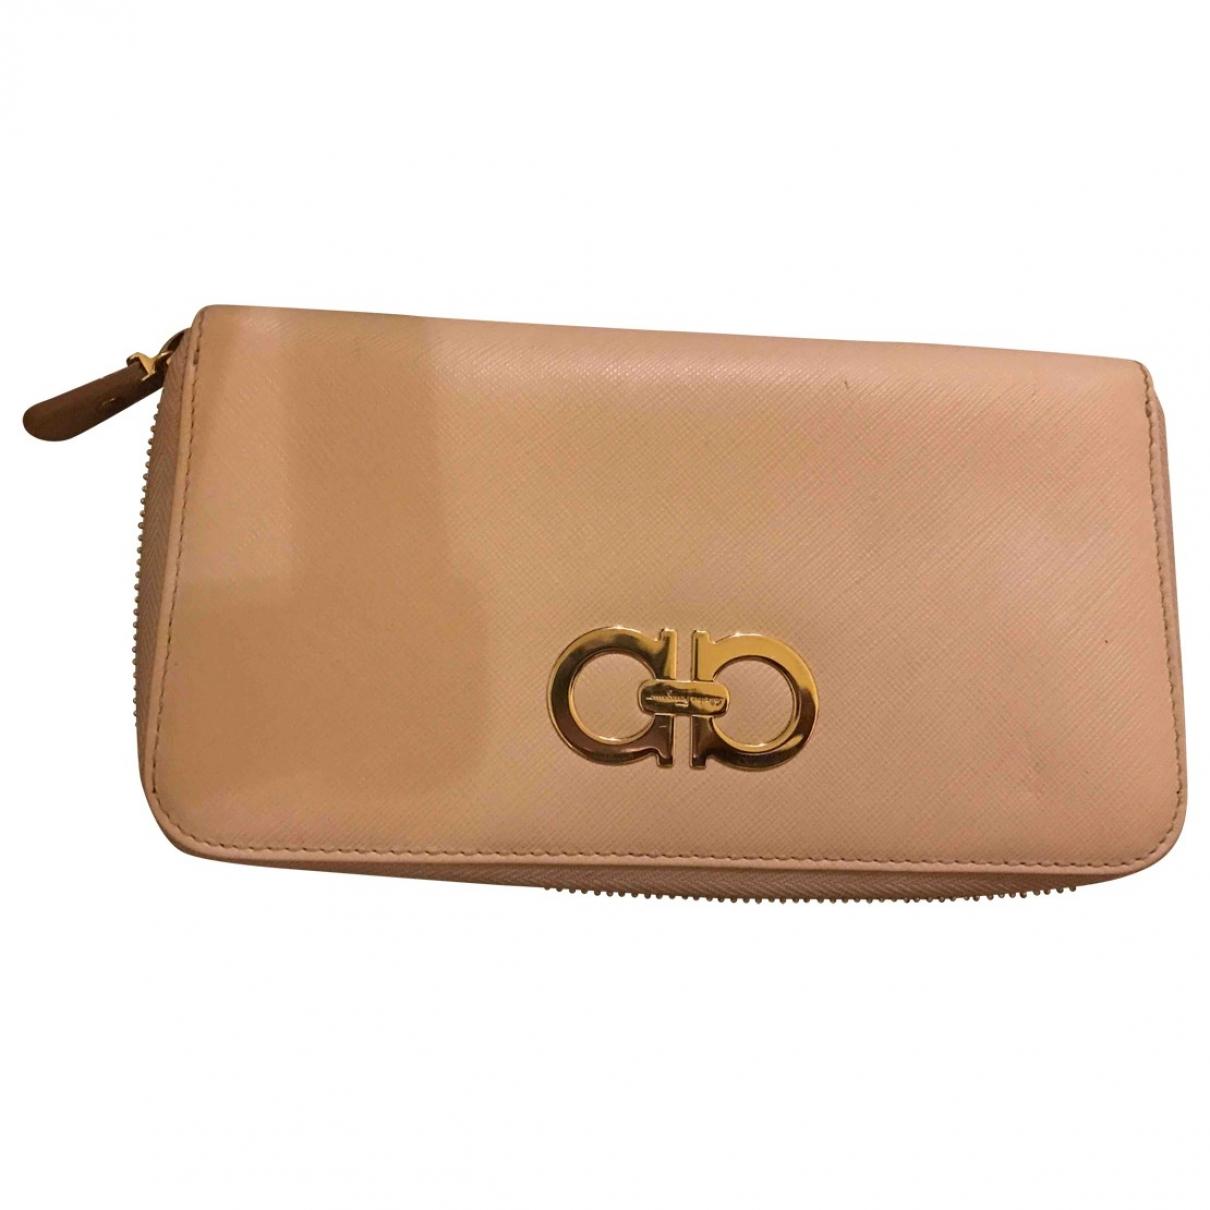 Salvatore Ferragamo \N Beige Leather wallet for Women \N